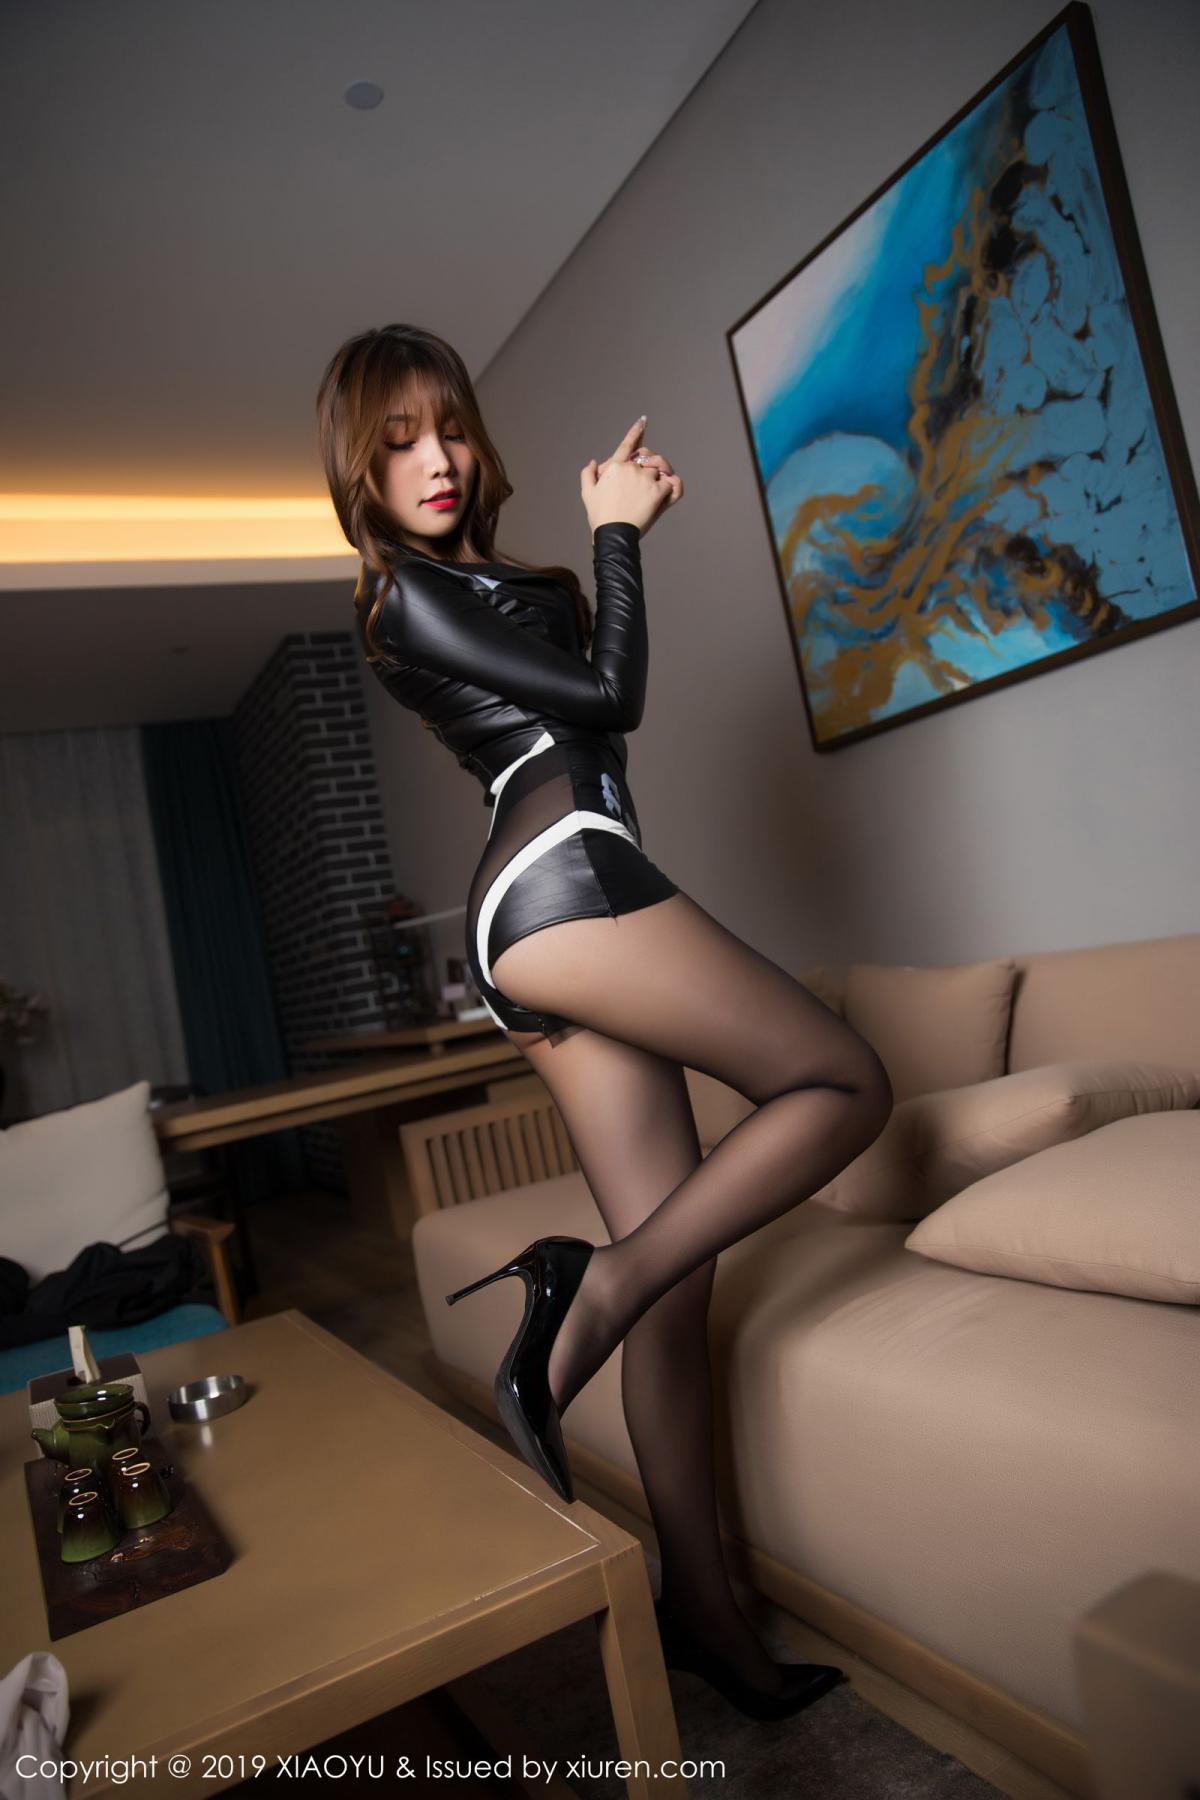 [XiaoYu] Vol.151 Chen Zhi 10P, Adult, Chen Zhi, XiaoYu